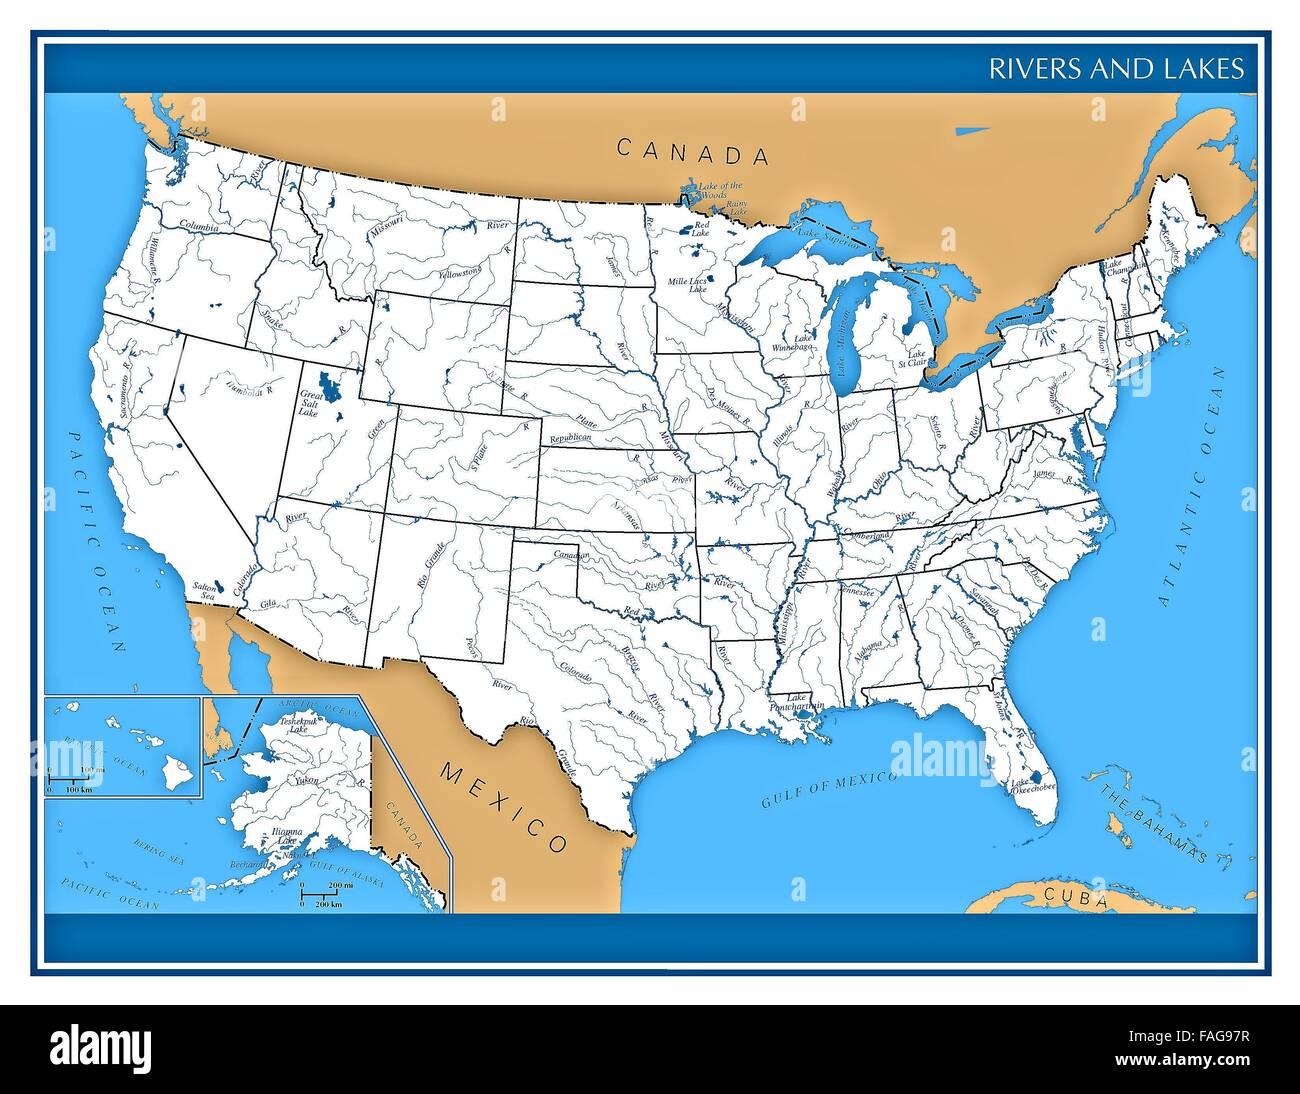 Usa Karte Von Flussen Und Seen Zeigt Zustand Formen Und